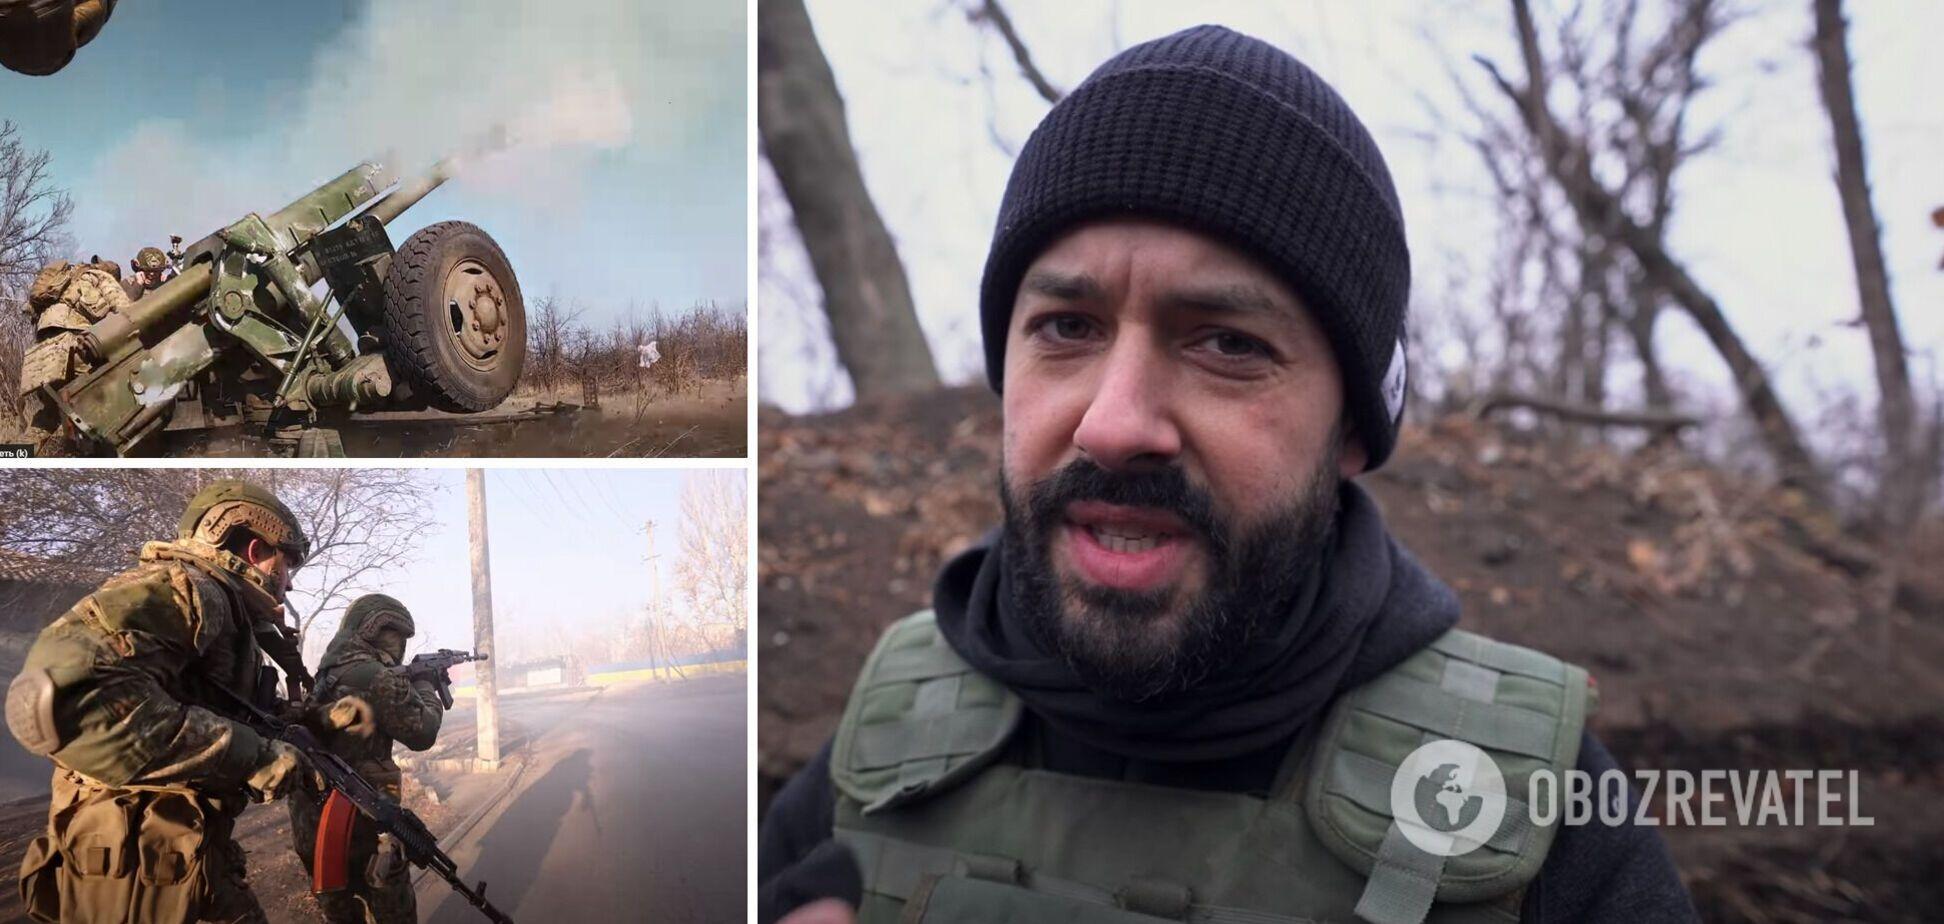 Блогер зі Швейцарії створив фільм про агресію Росії в Україні. Відео